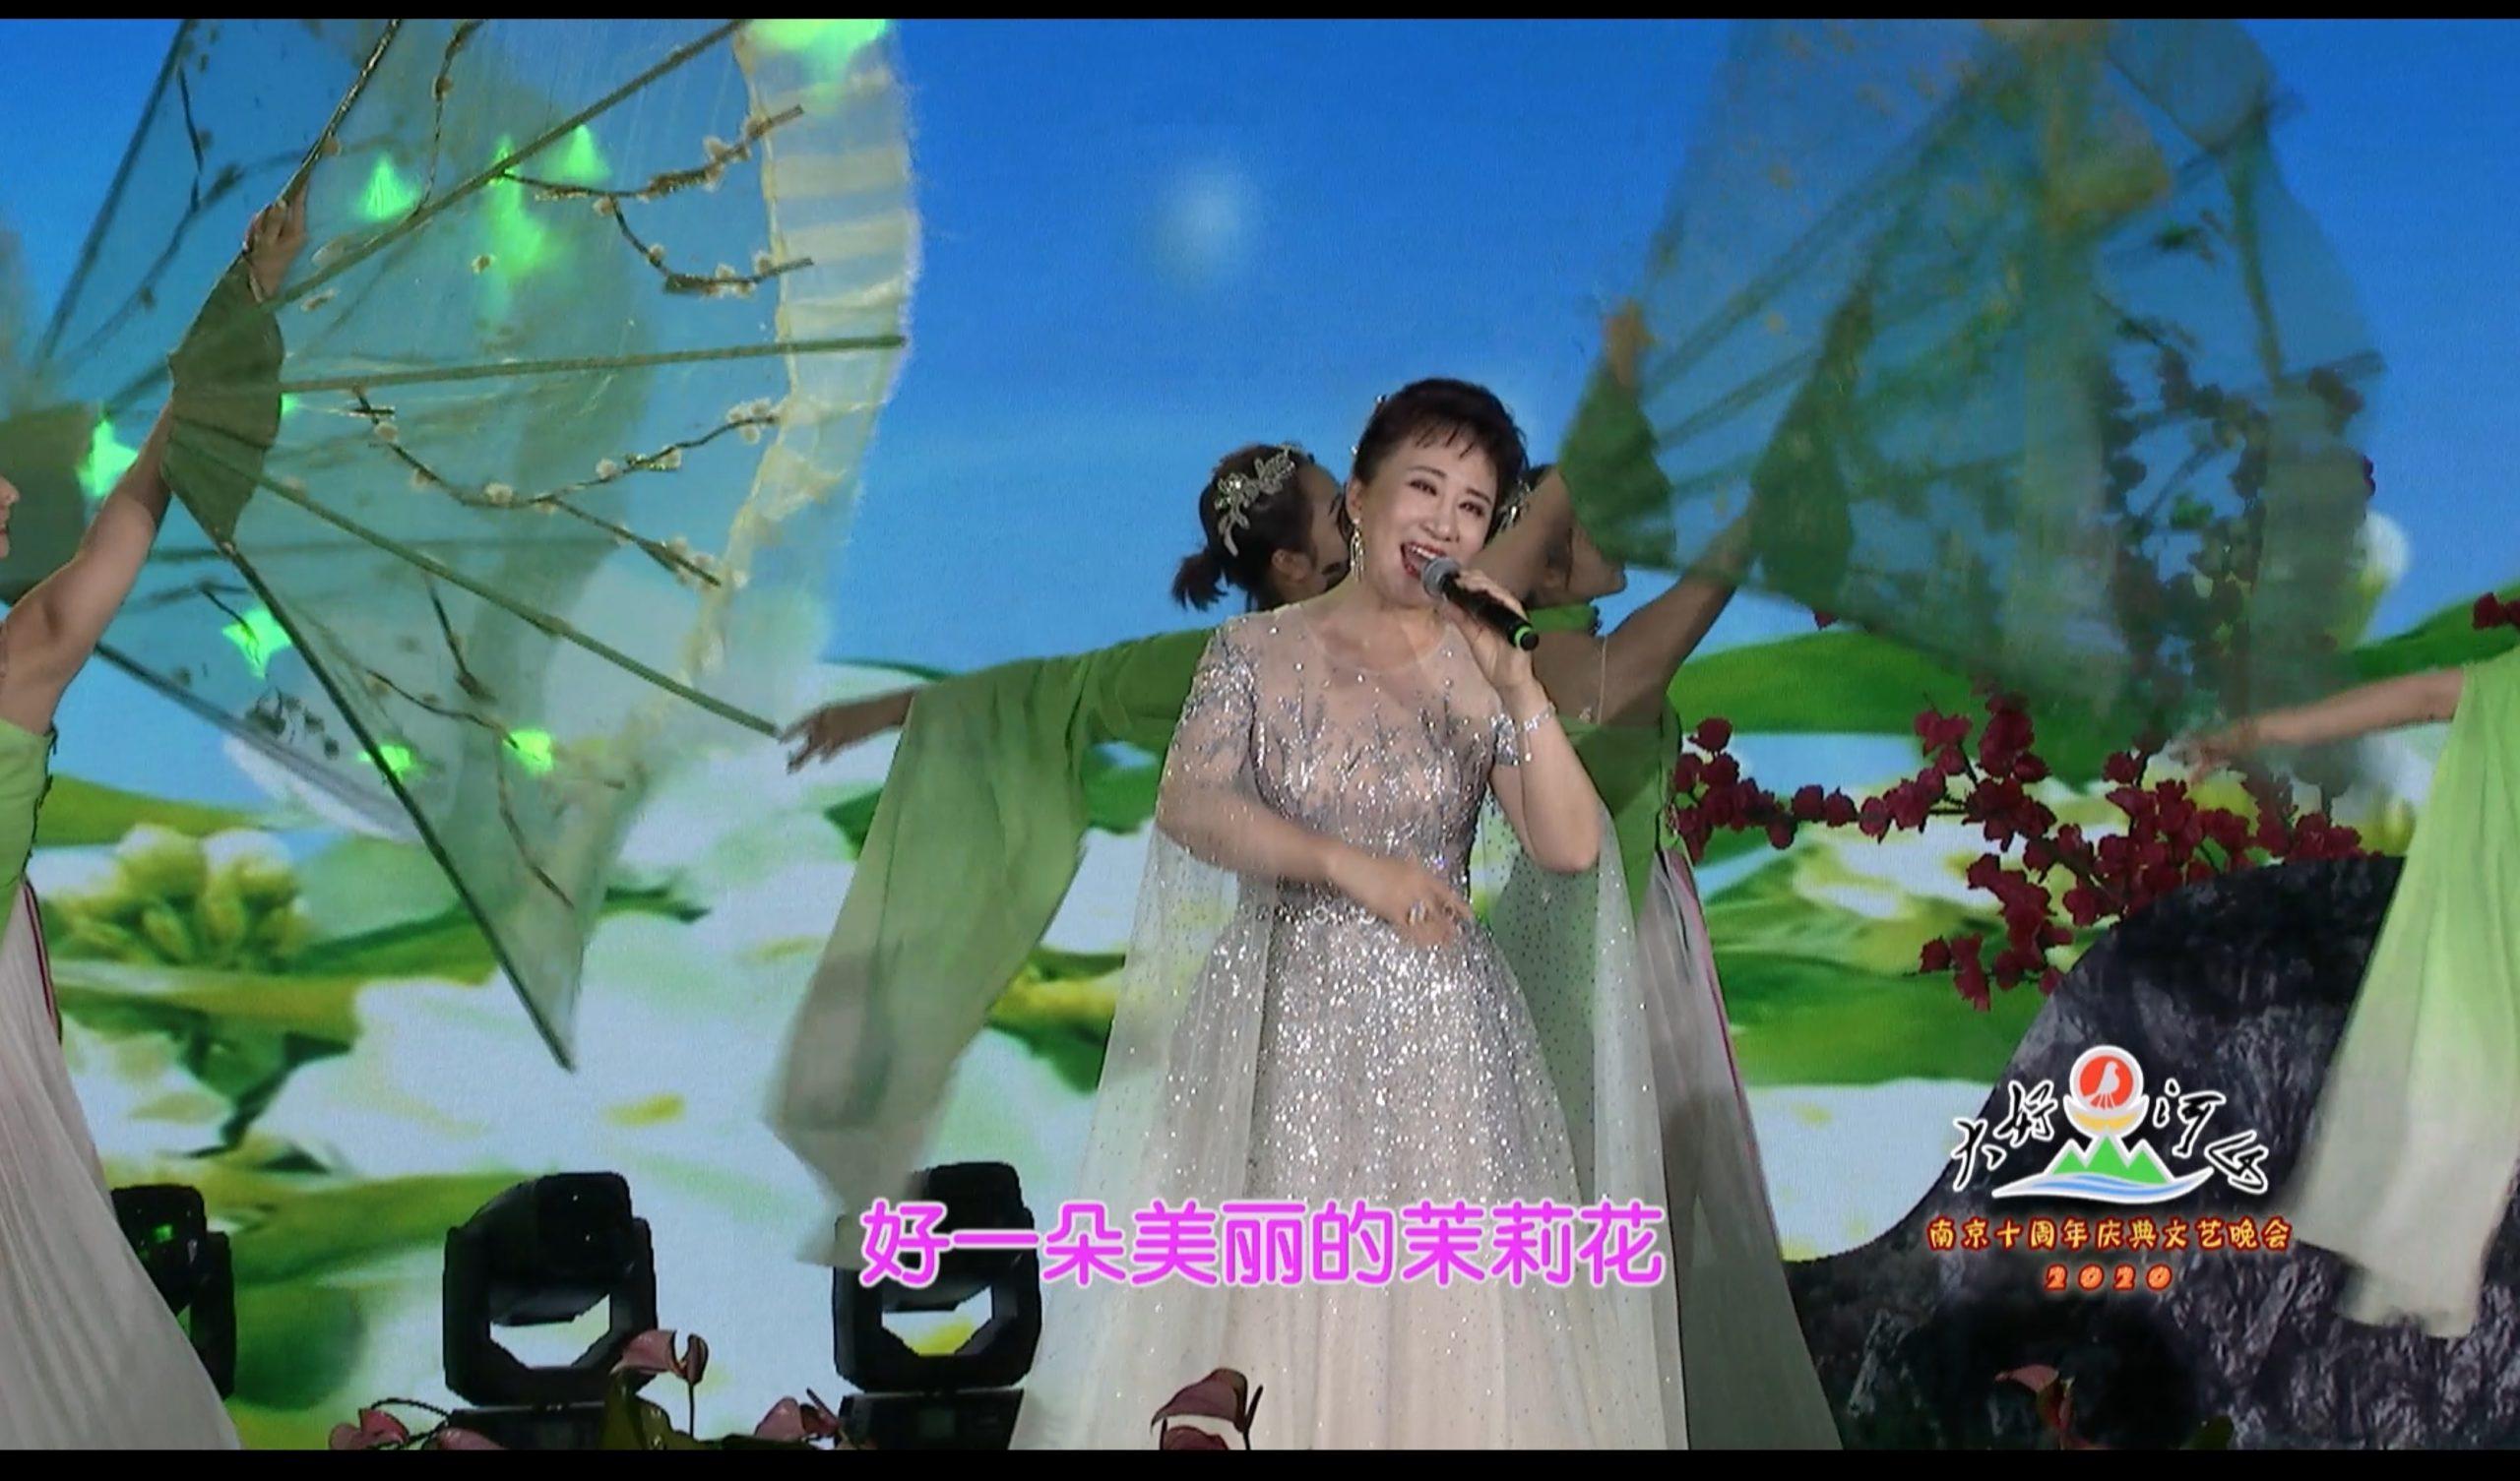 2020大好河山南京十周年庆典公益晚会 歌曲《茉莉花》程桂兰